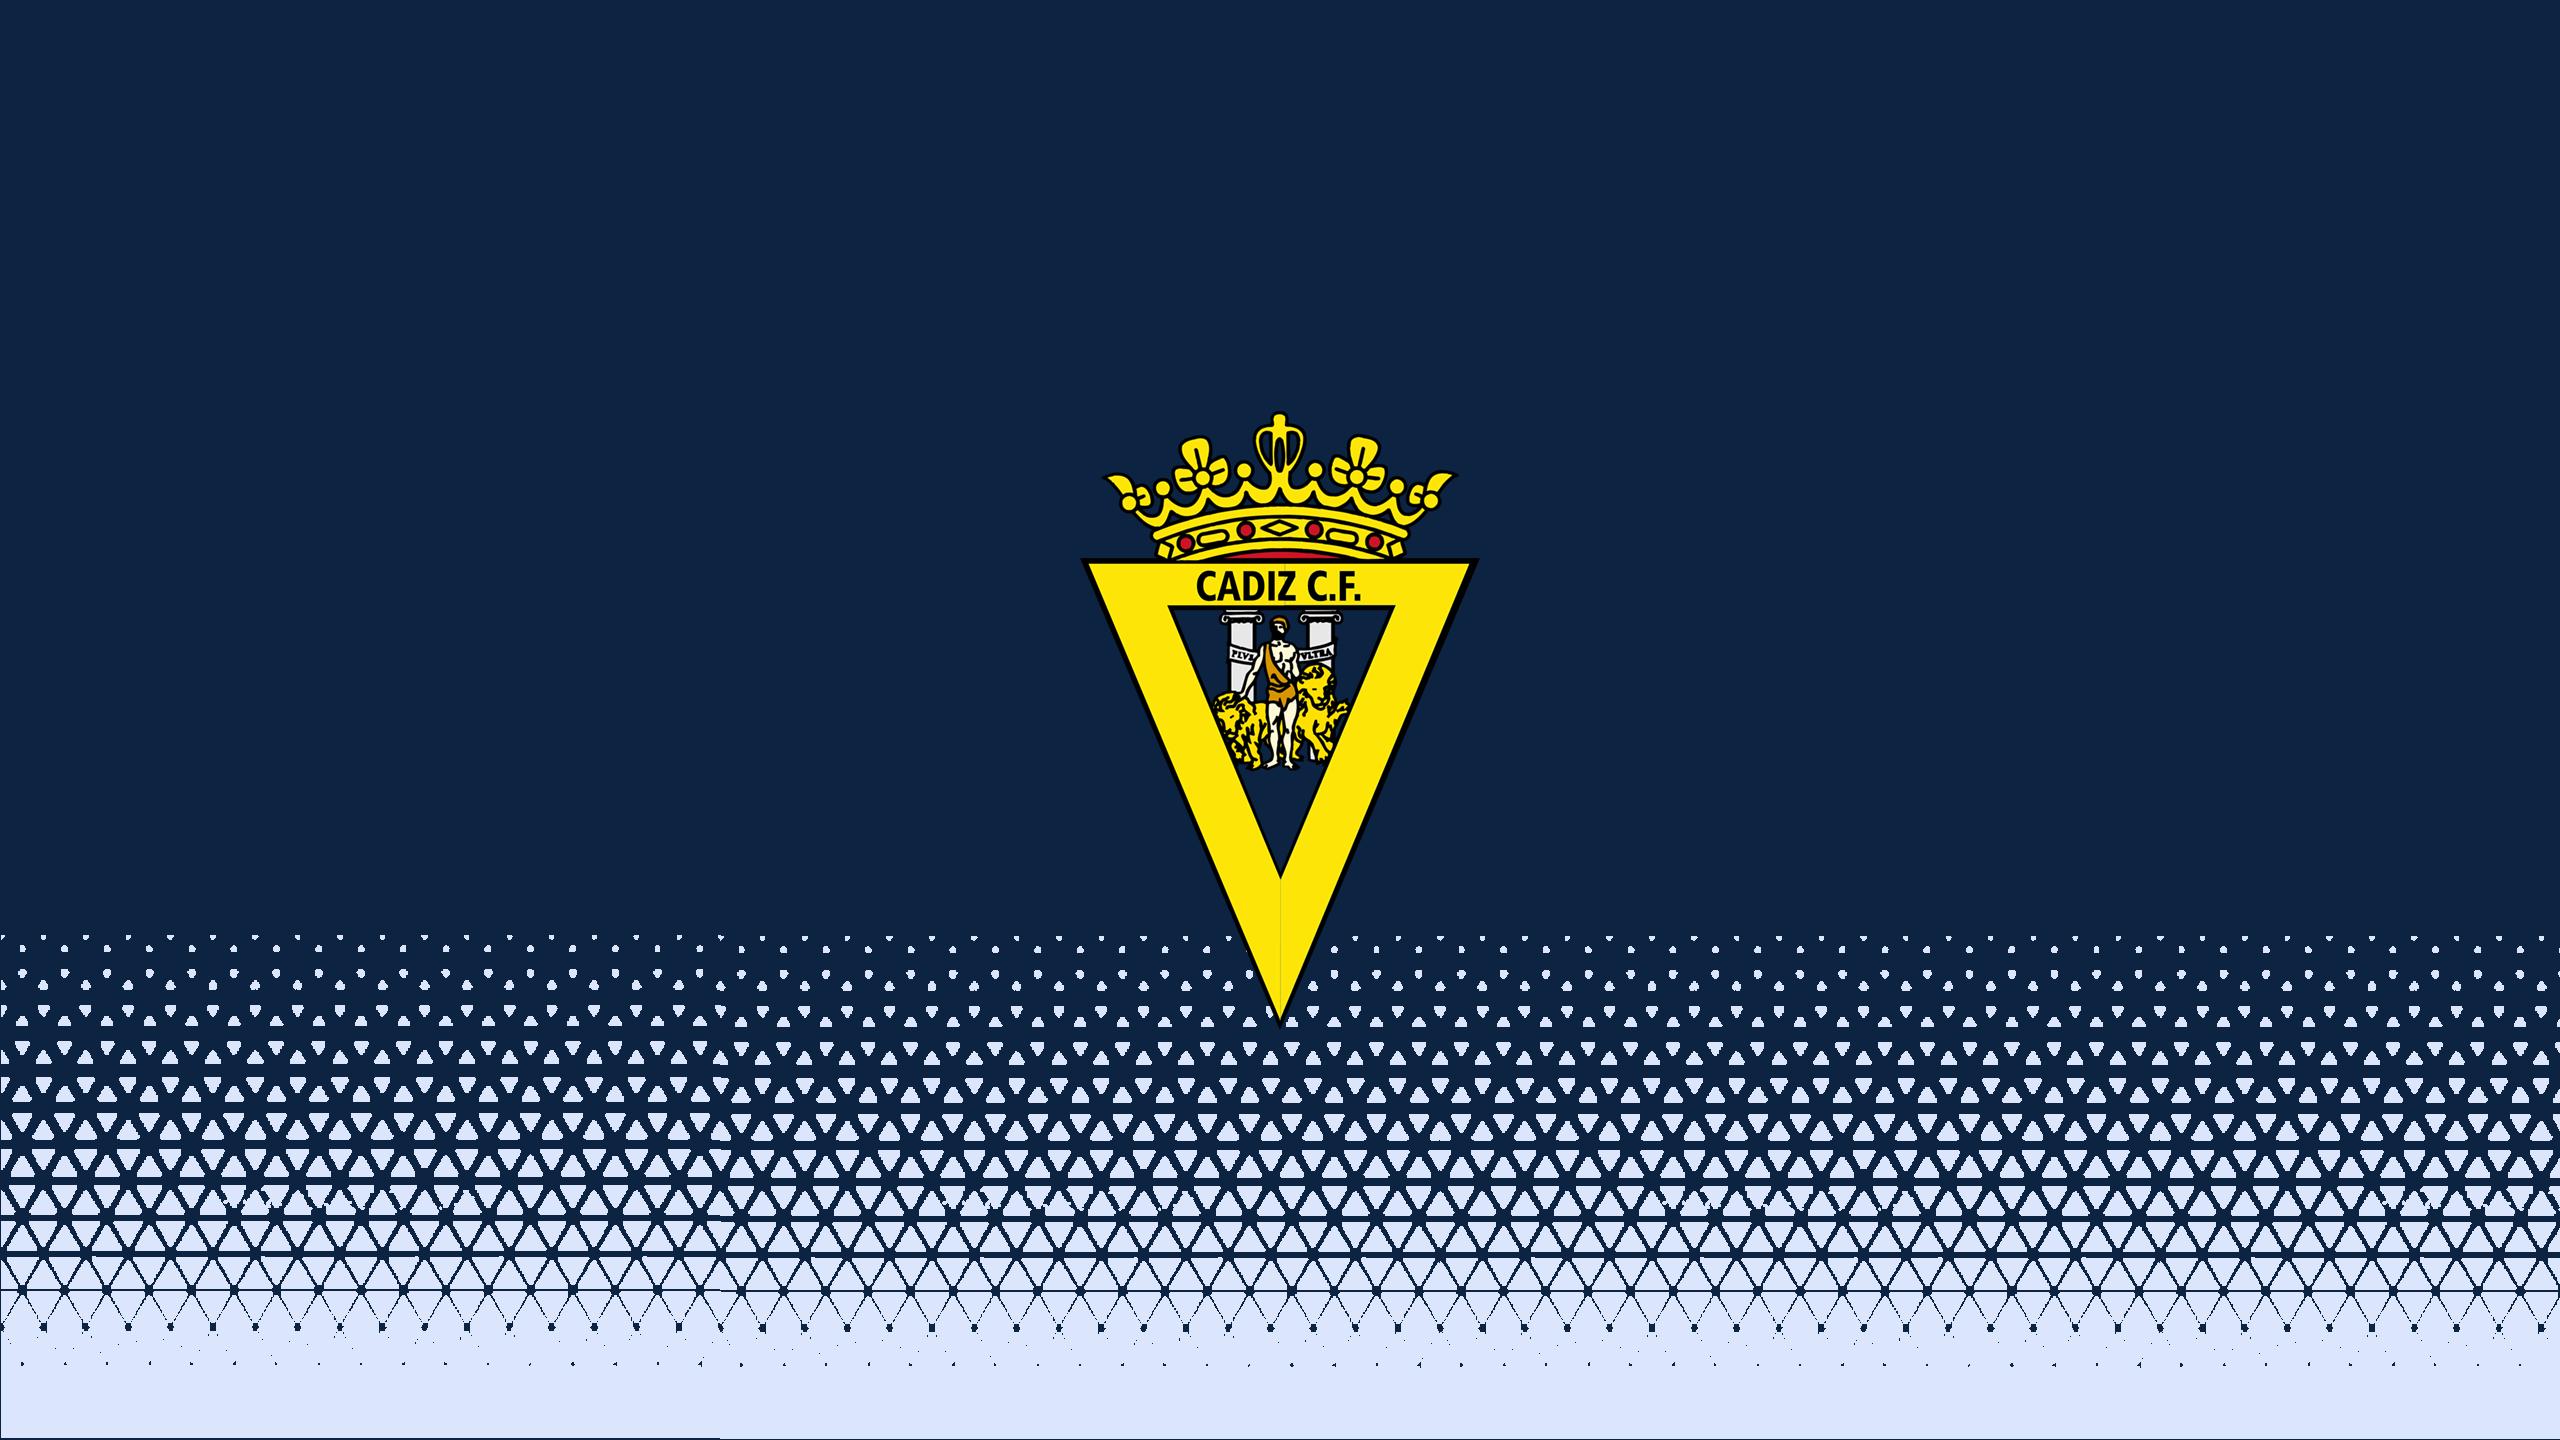 Cadiz CF (Away)